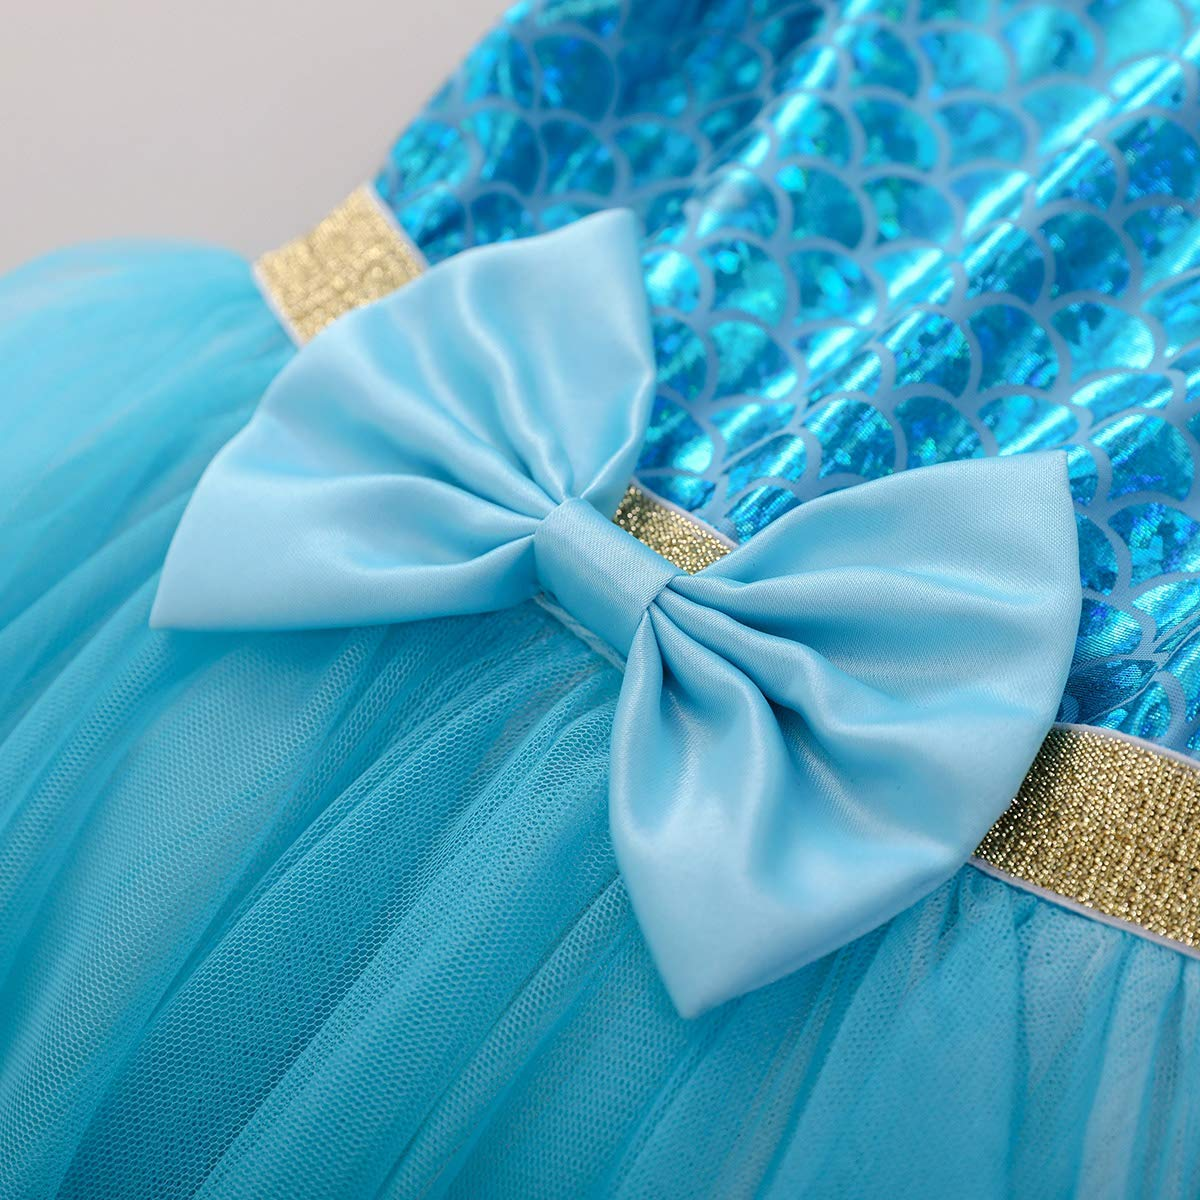 IMEKIS Ragazza Vestito da Sirena Principessa Sirenetta Costumi Halloween Carnevale Cosplay Vestire Festa di Compleanno Tutu Cerimonia Tulle Gonna Fantasia Fish Scale Vestito